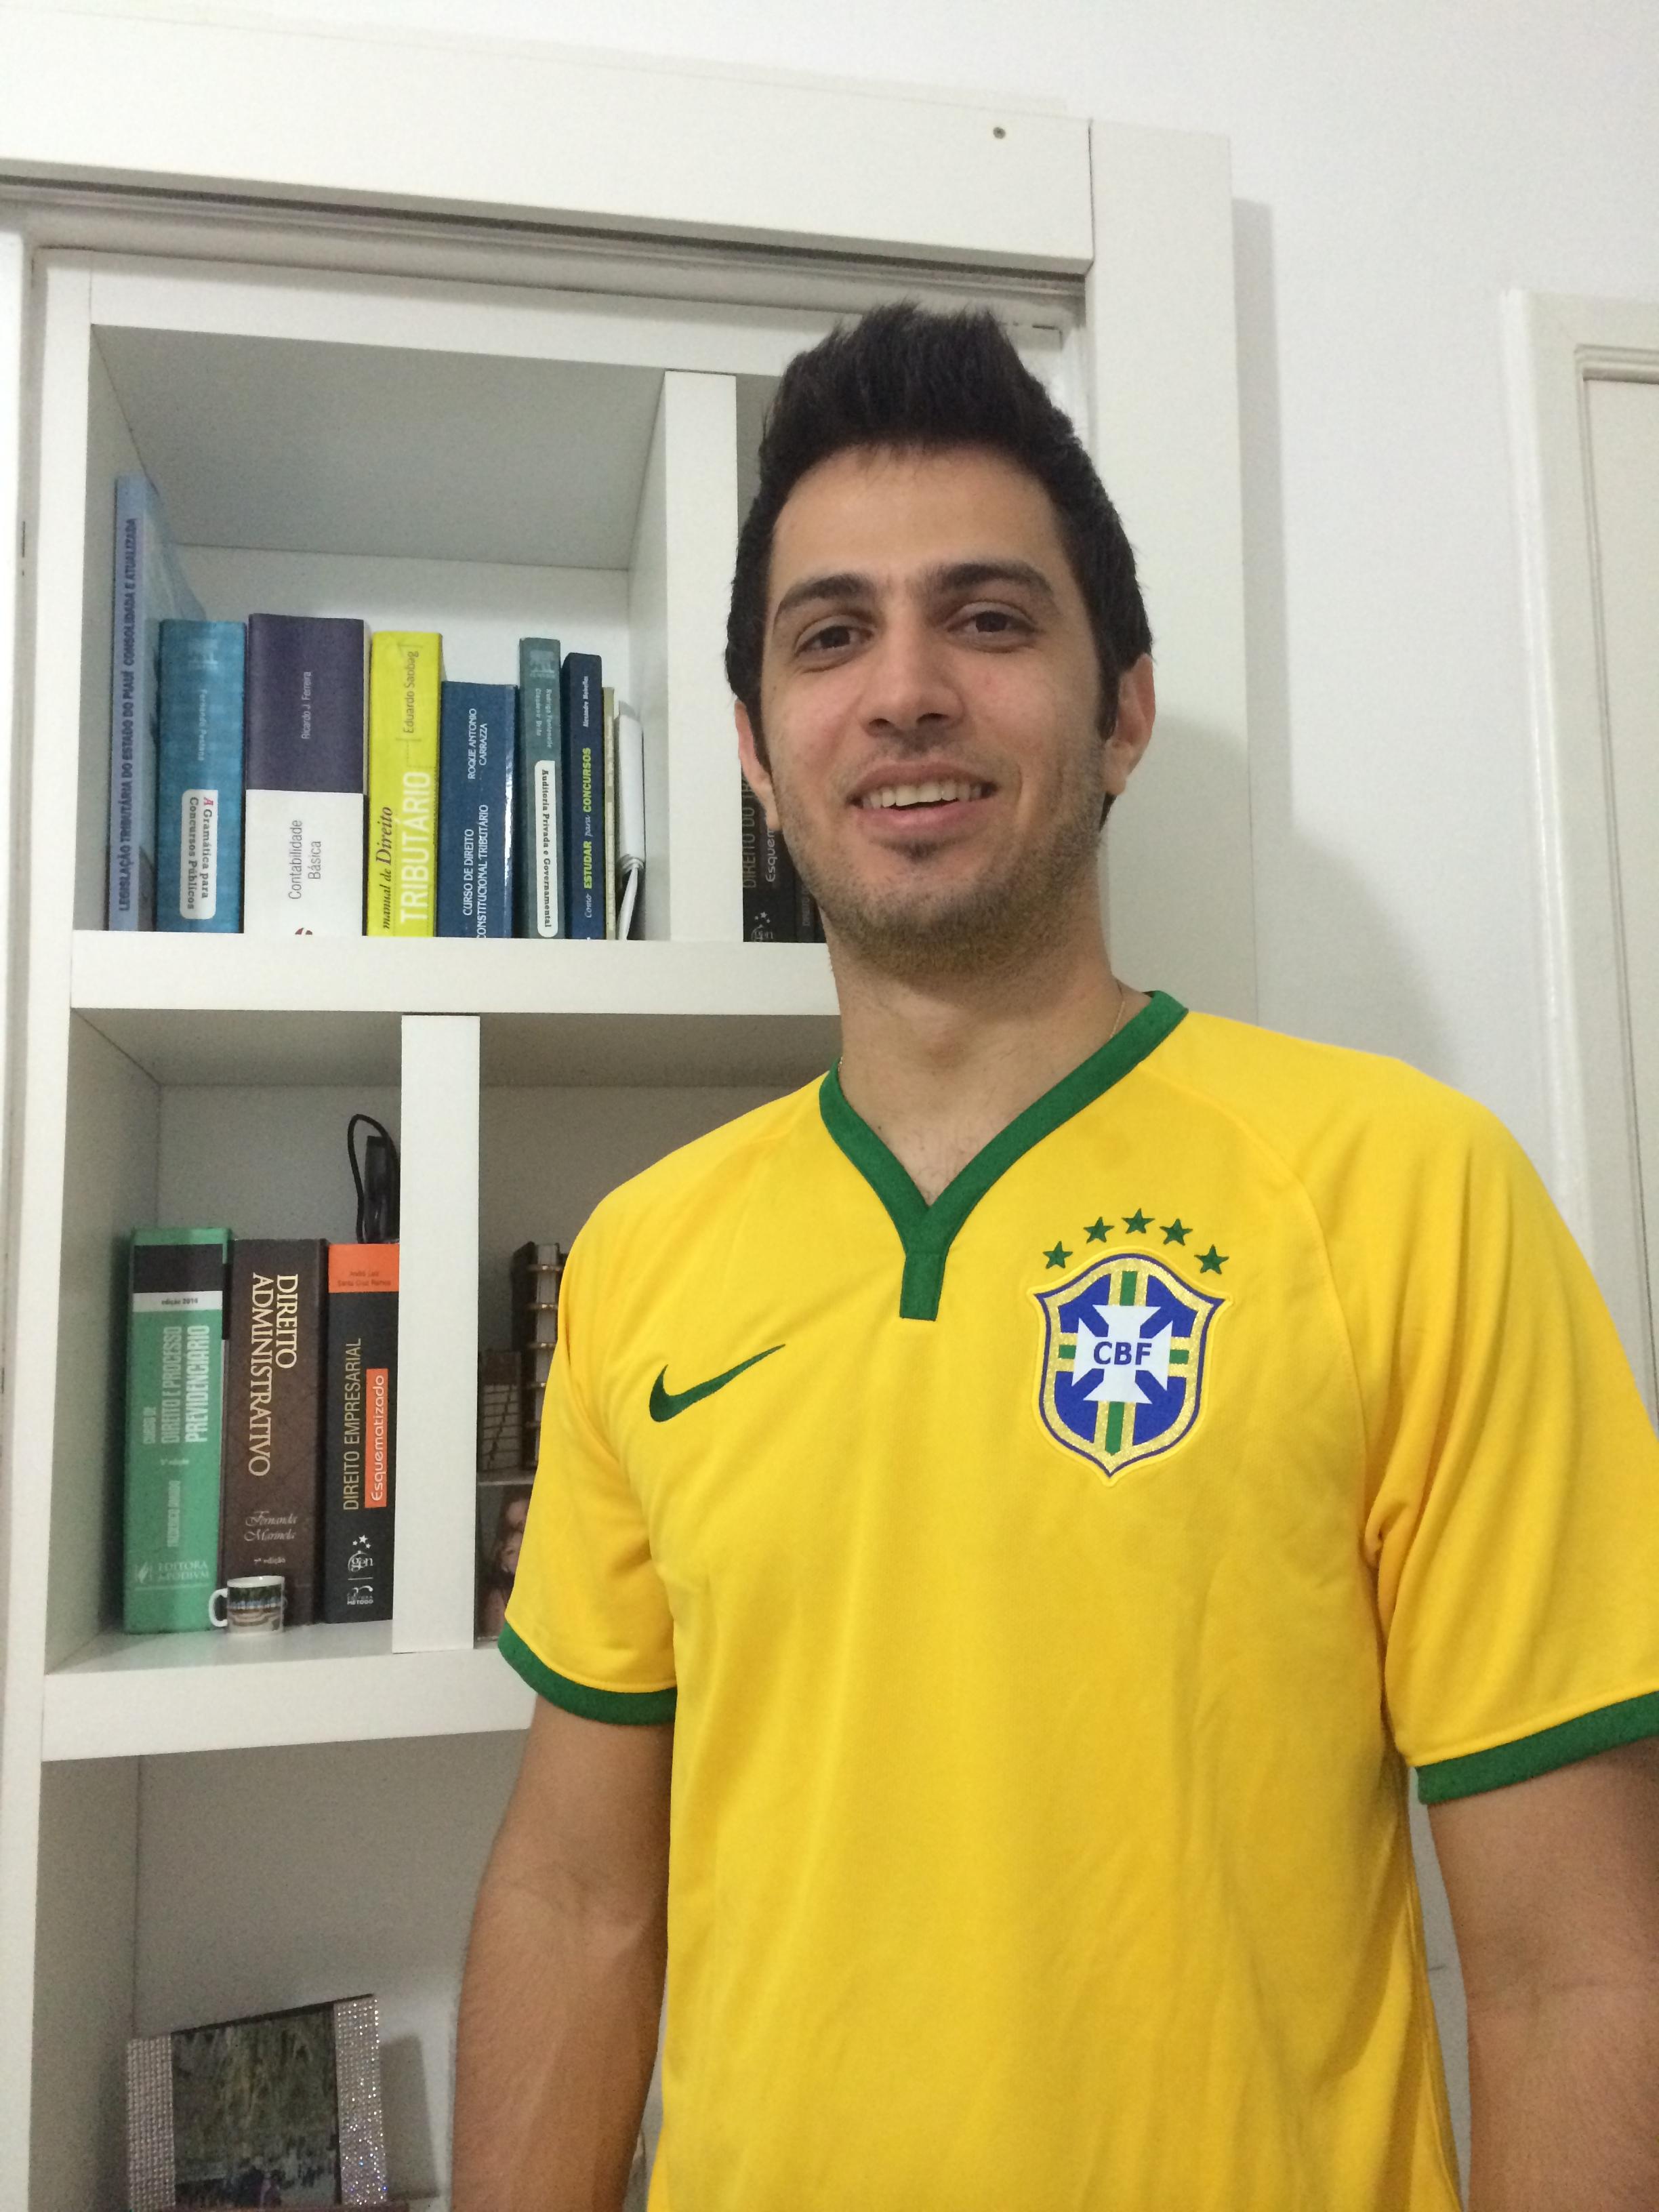 Feliphe Araujo - Aprovado no concurso para Auditor Fiscal da Receita Federal do Brasil